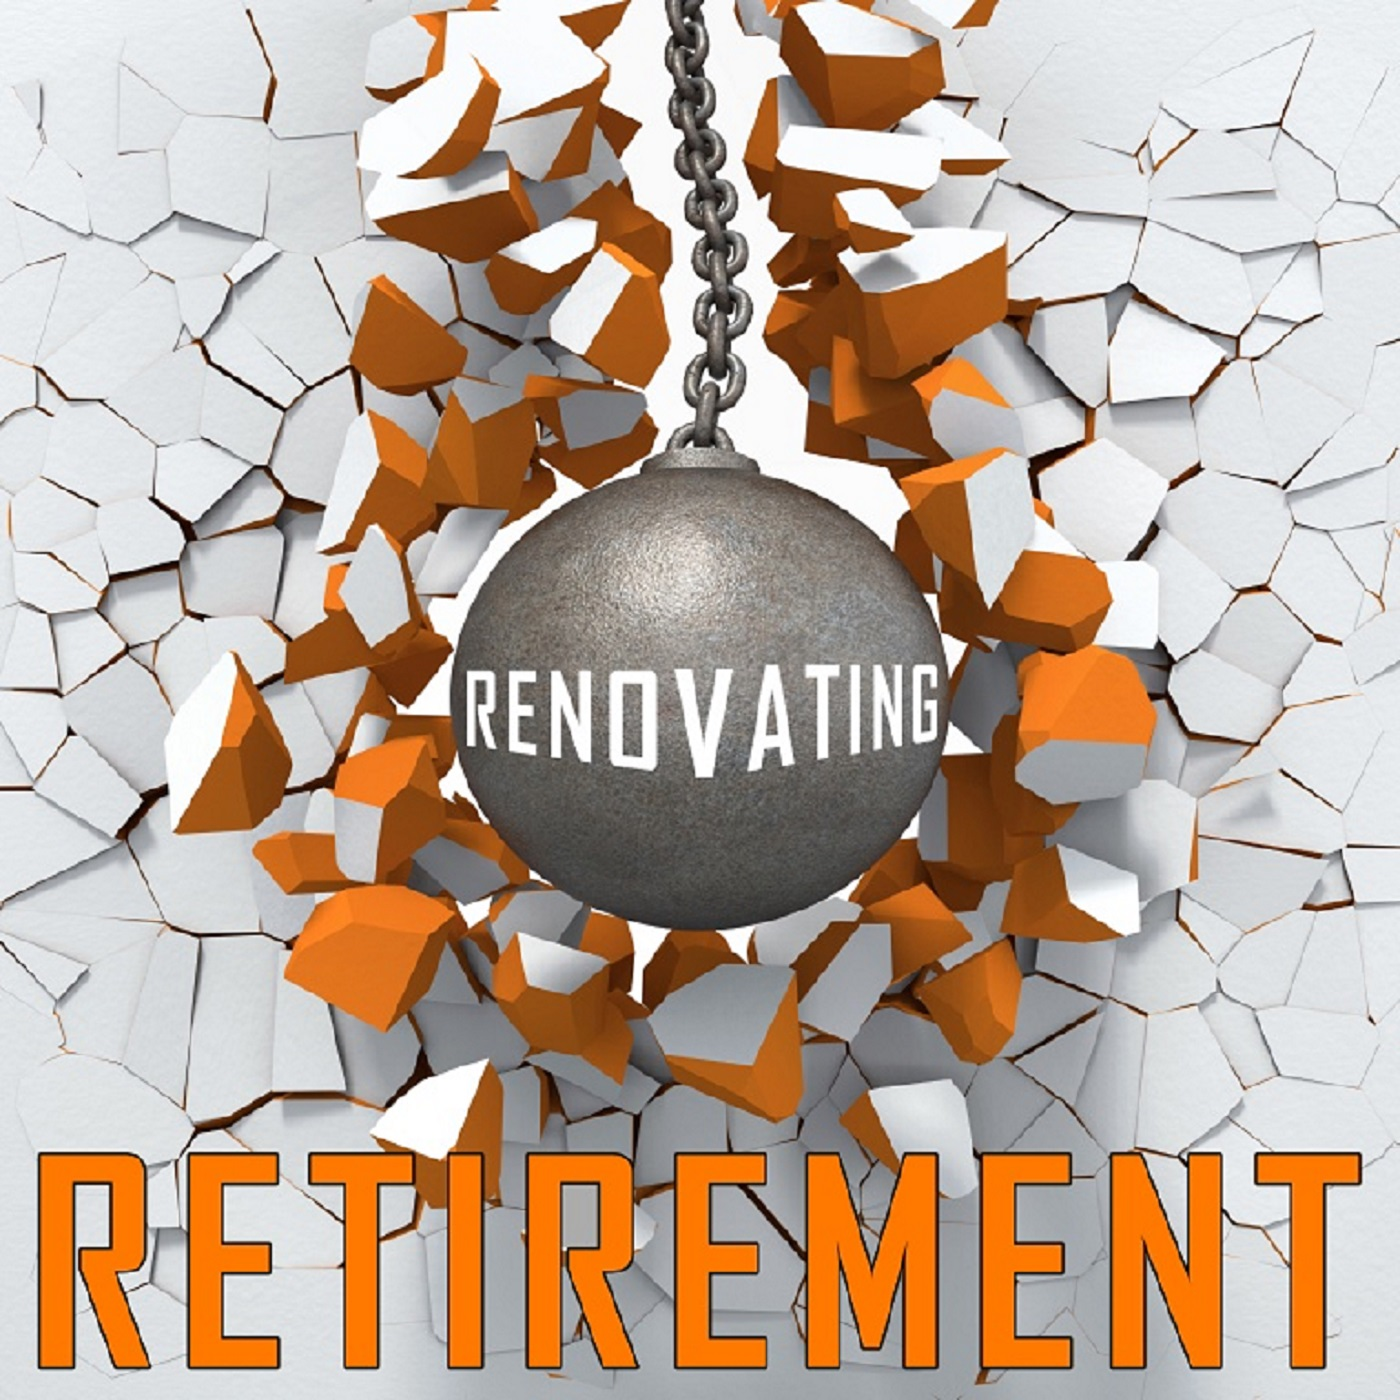 Renovating Retirement With Charlie Jewett show art